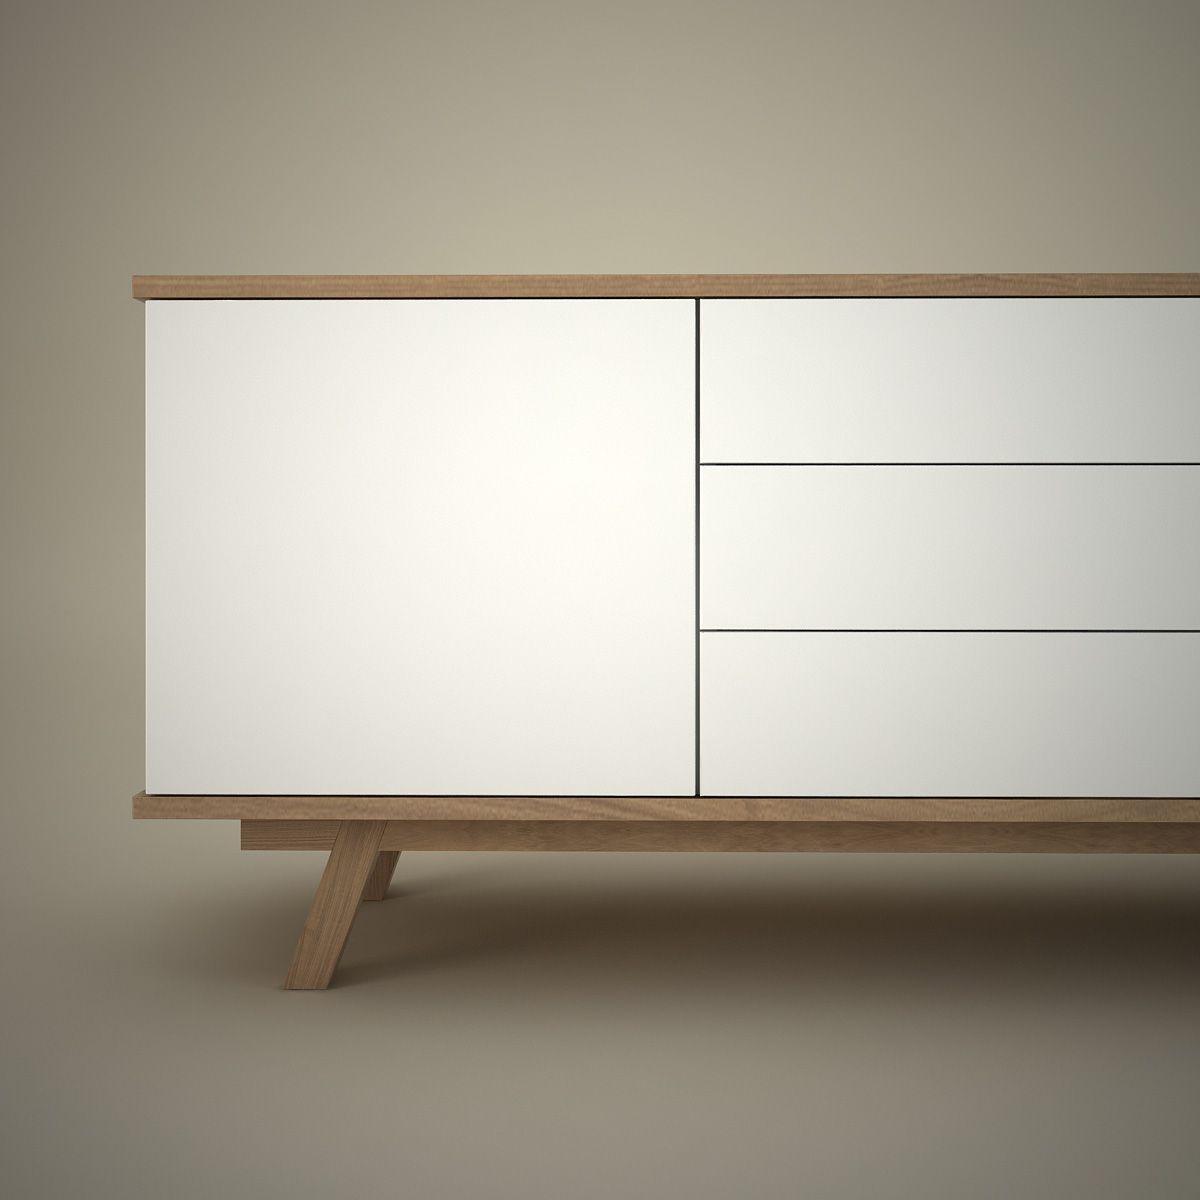 Modernes Design Sideboard STOCKHOLM 200cm Weiß Wendbare Front Sonoma Eiche    Das Skandinavisch Angehauchte Sideboard STOCKHOLM Verbindet Cleveres Du2026  ...